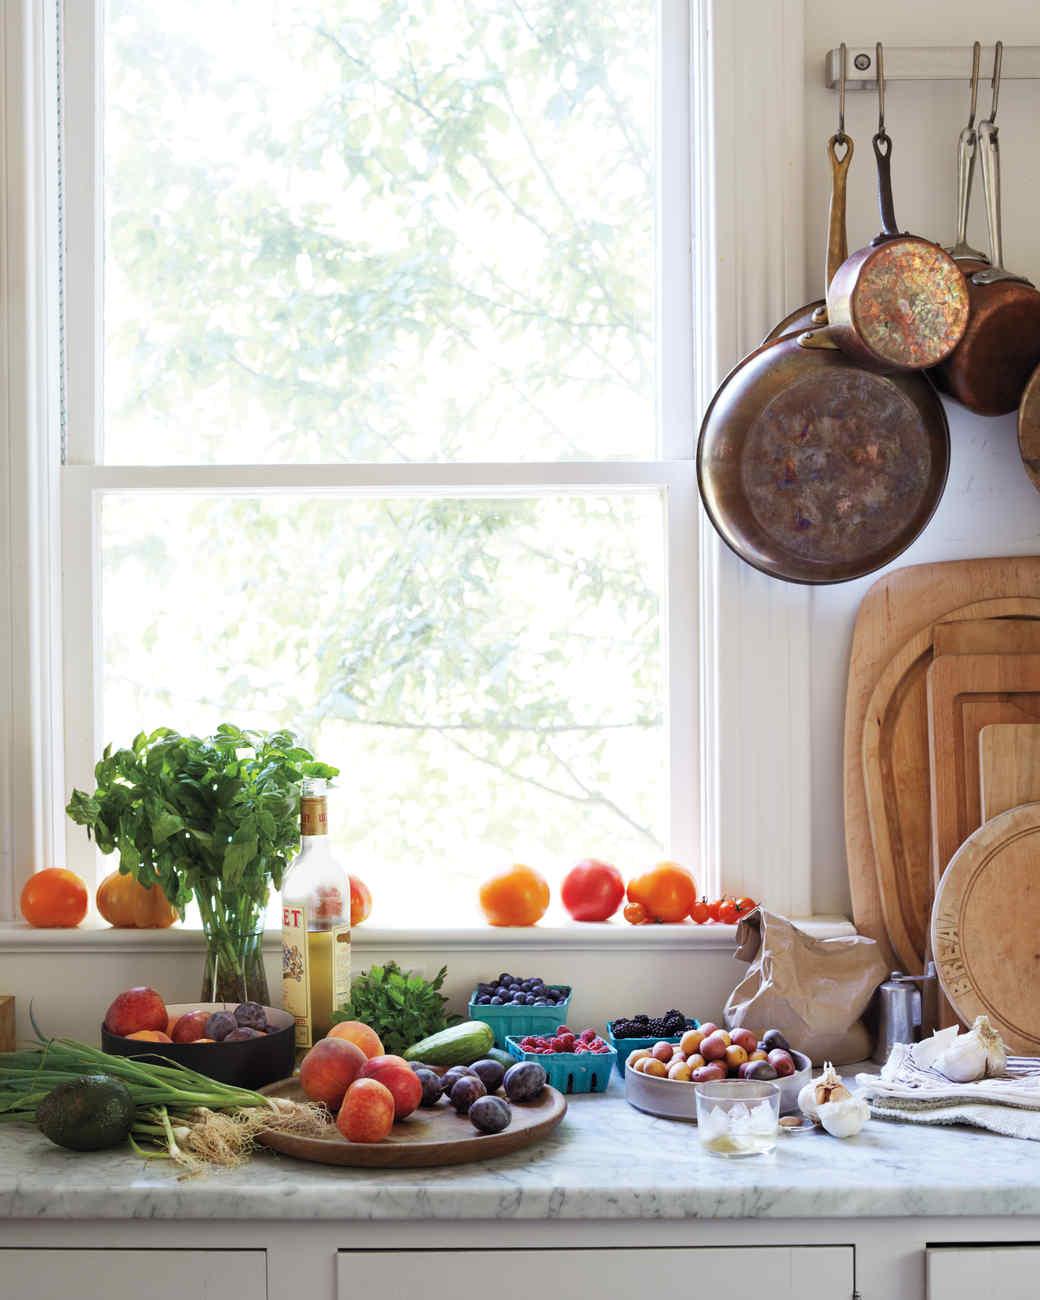 msl-weekend-menu-produce-031-md109410.jpg